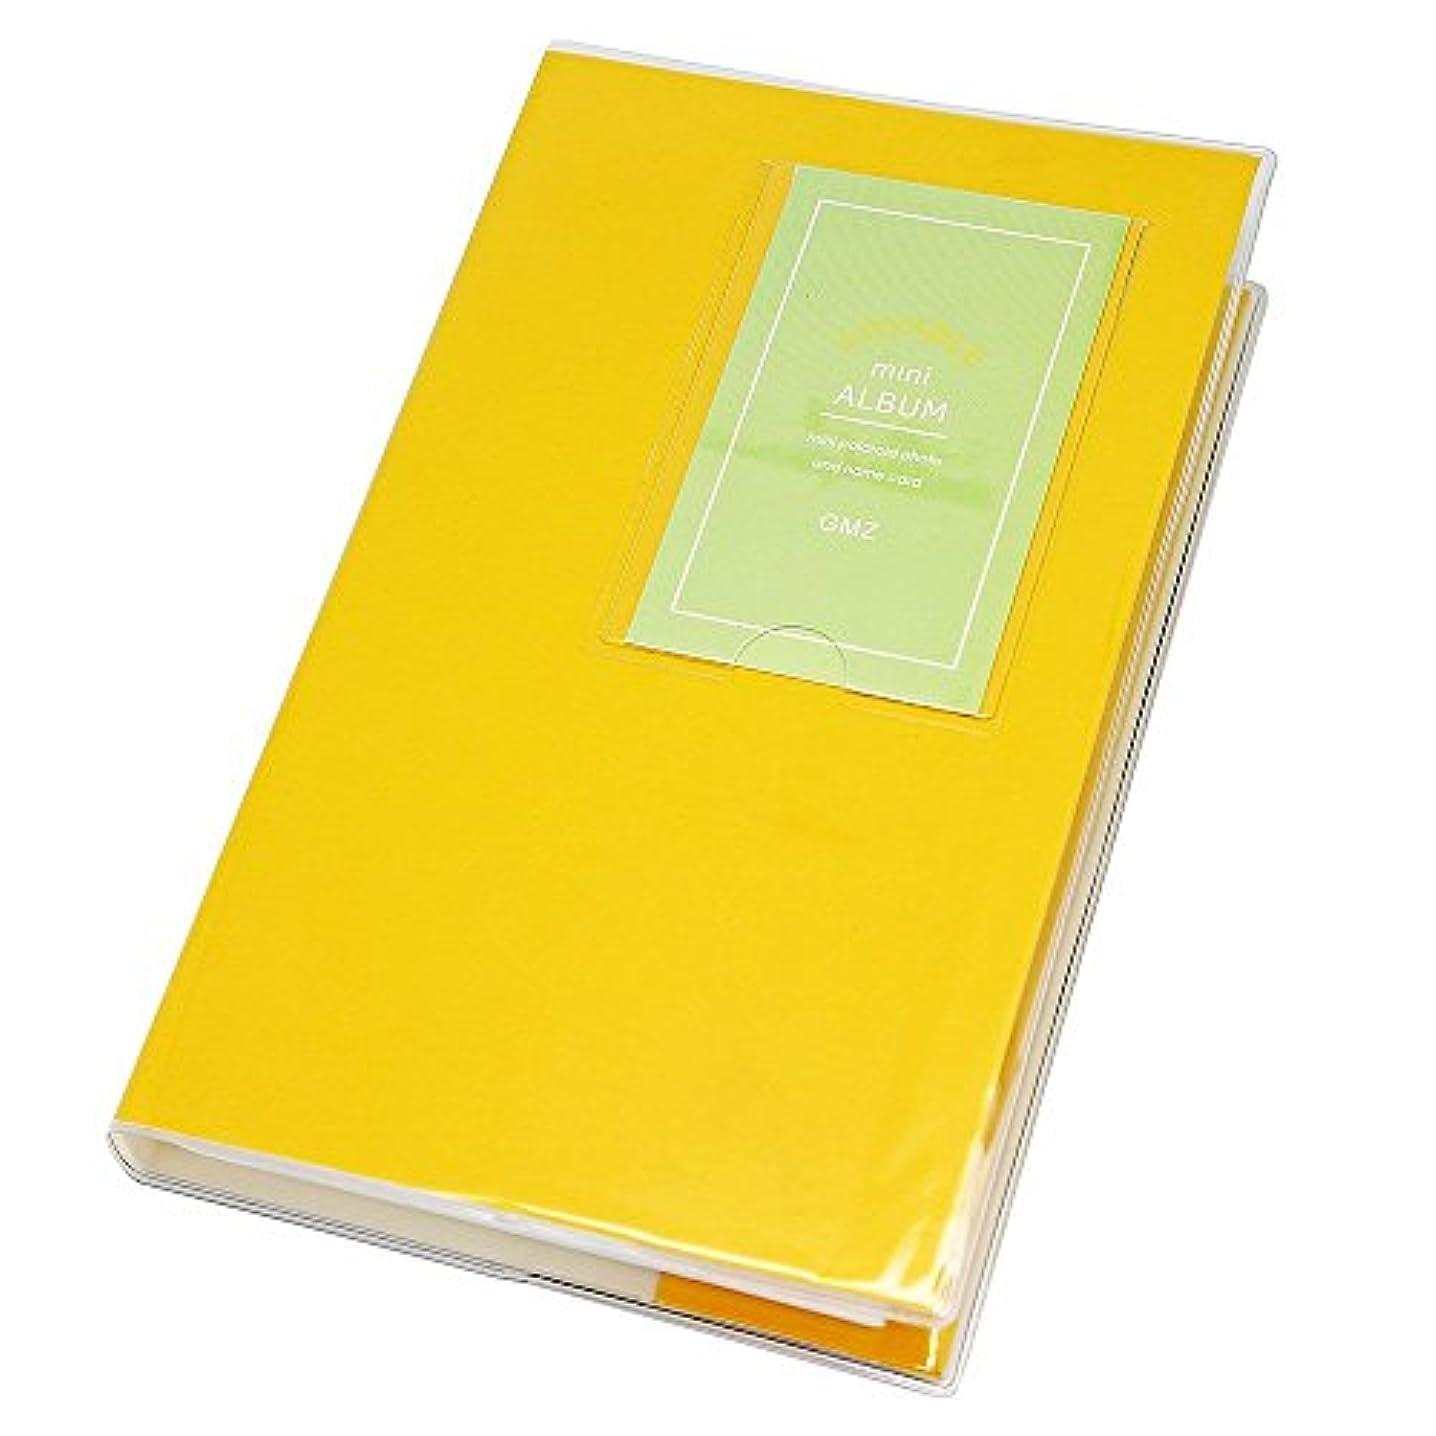 84 Pockets Photo Album for Mini Fuji Instax Polaroid & Name Card Yellow